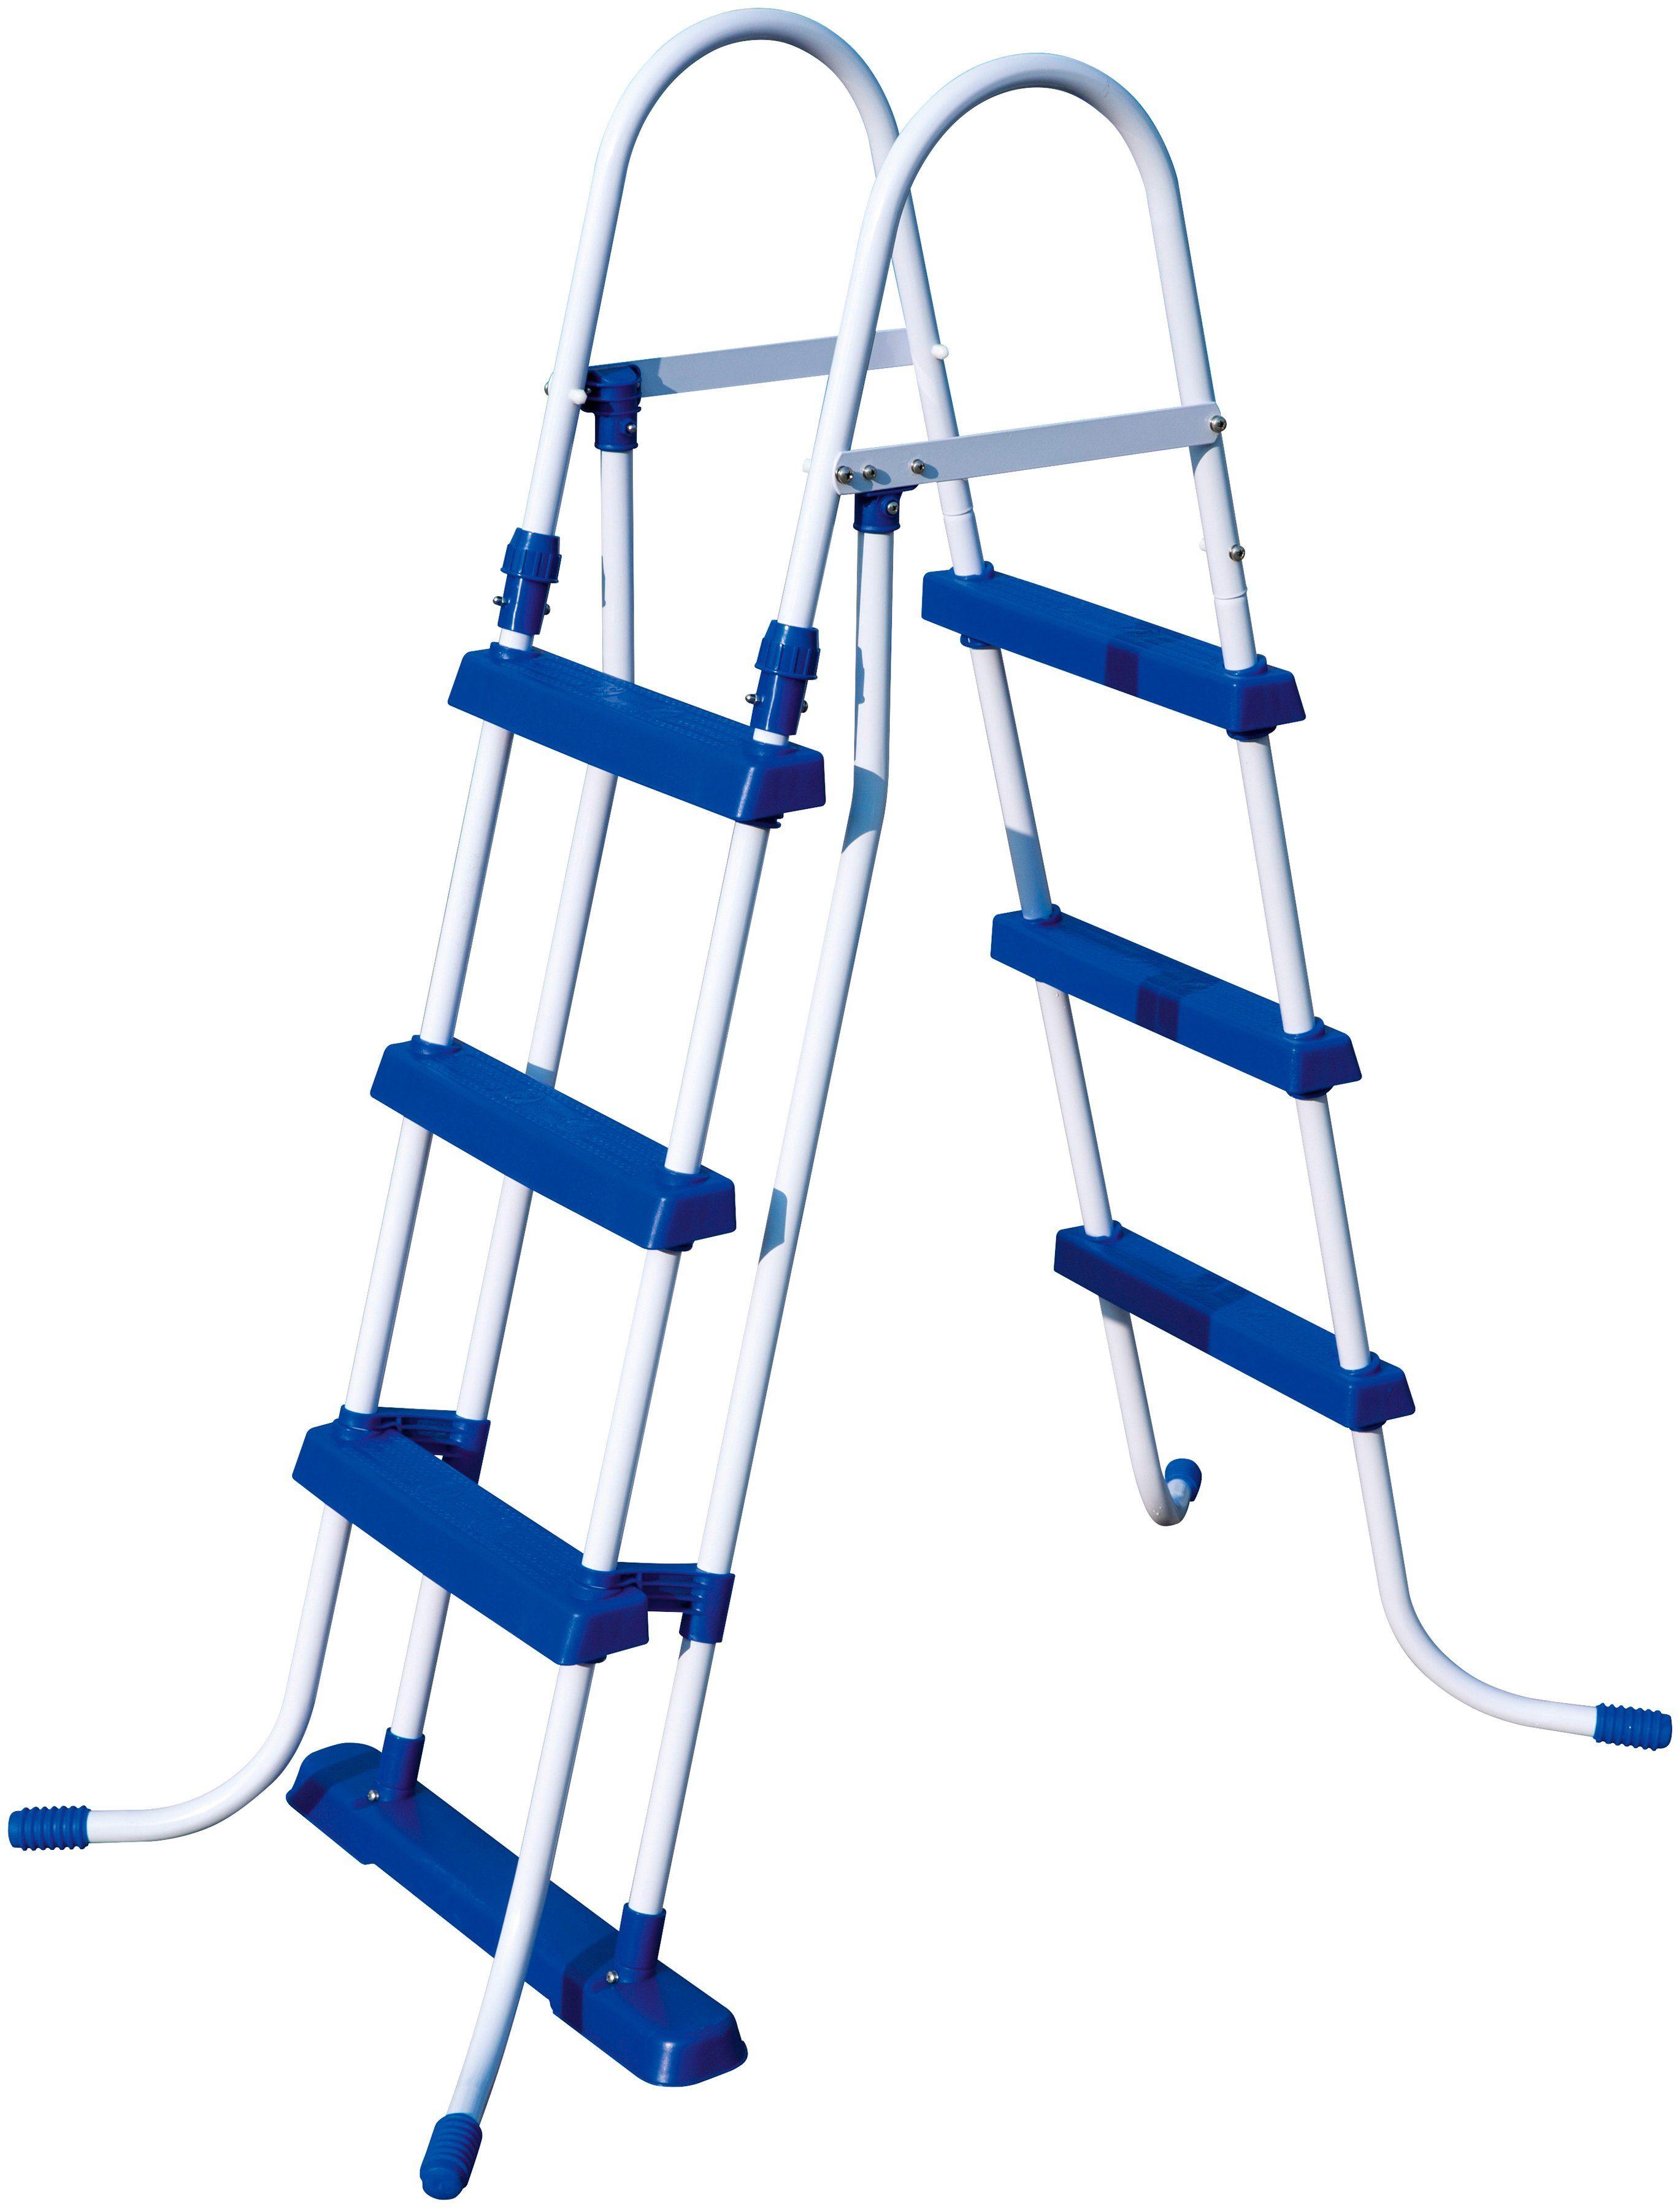 BESTWAY Pool-Übersteigleiter , für Poolhöhe: 107 cm